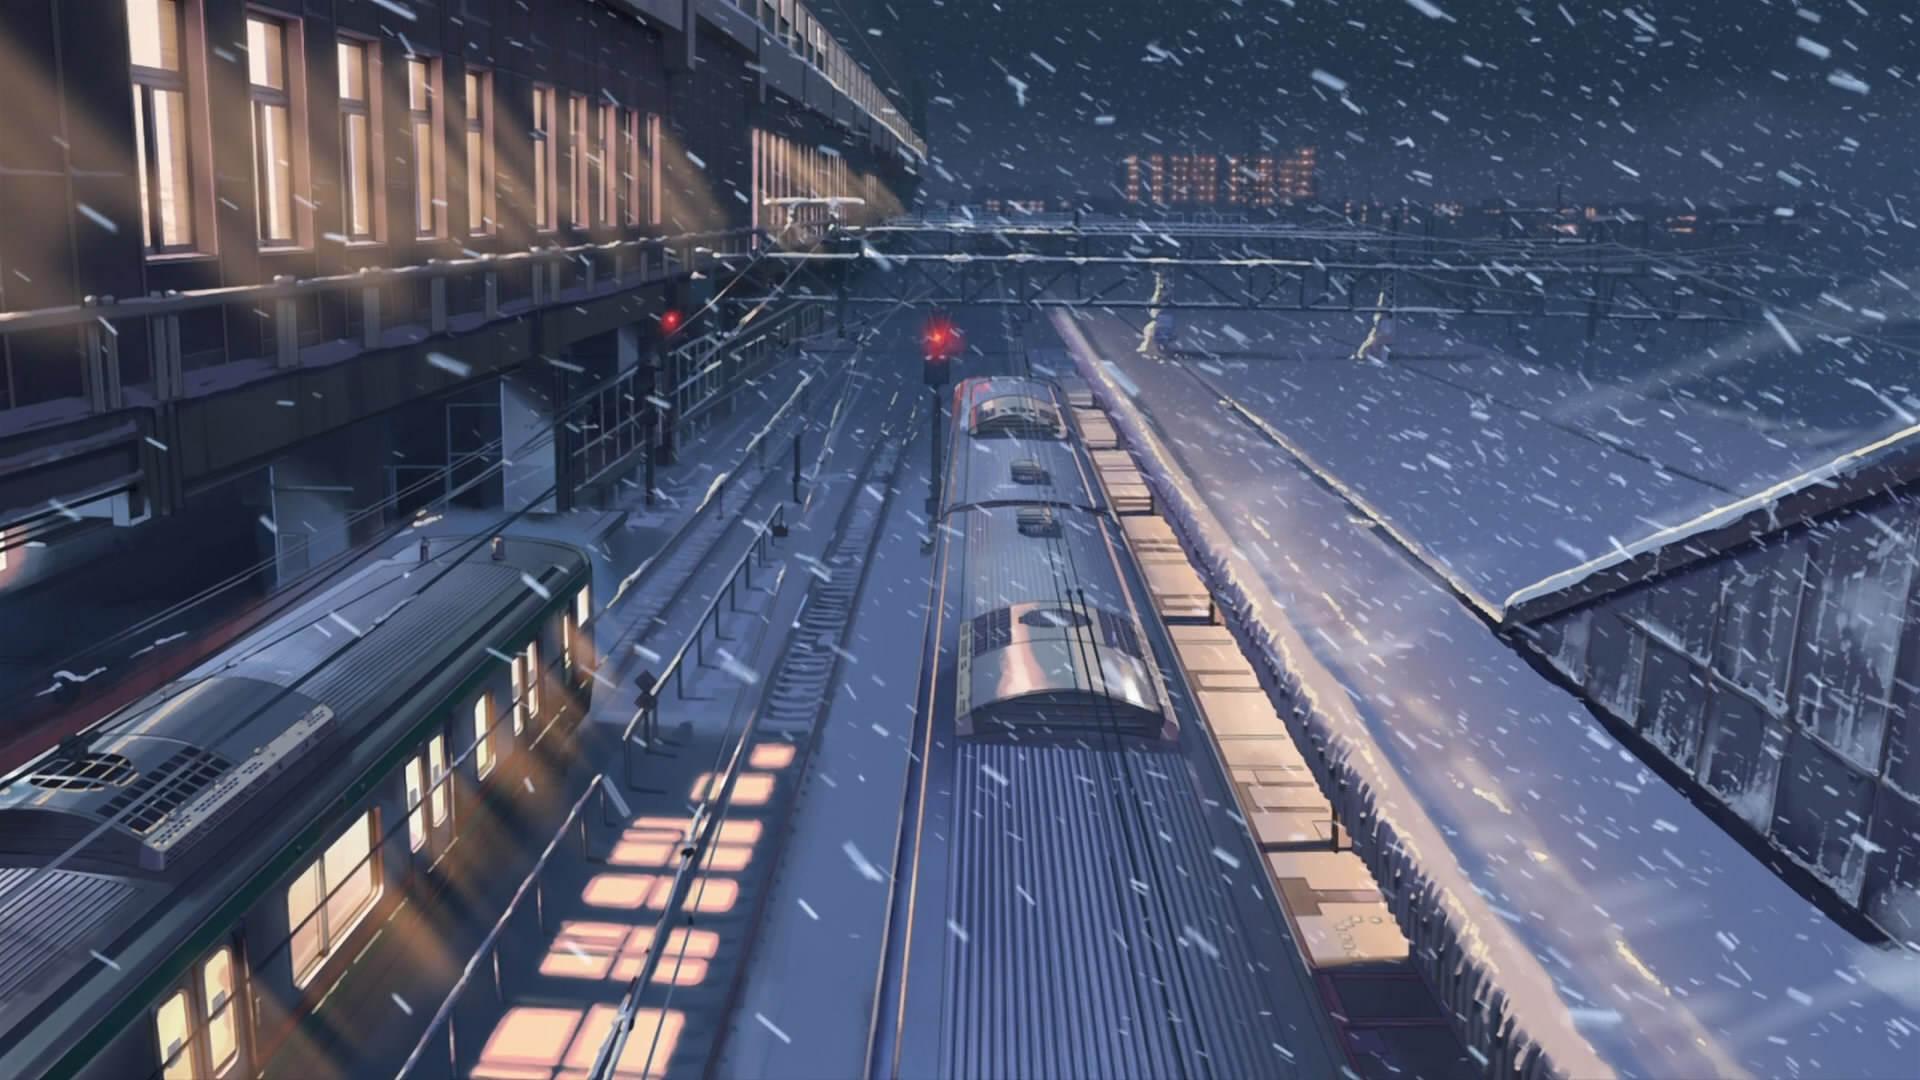 Snow Makoto Shinkai Train Stations 5 Centimeters Per Second